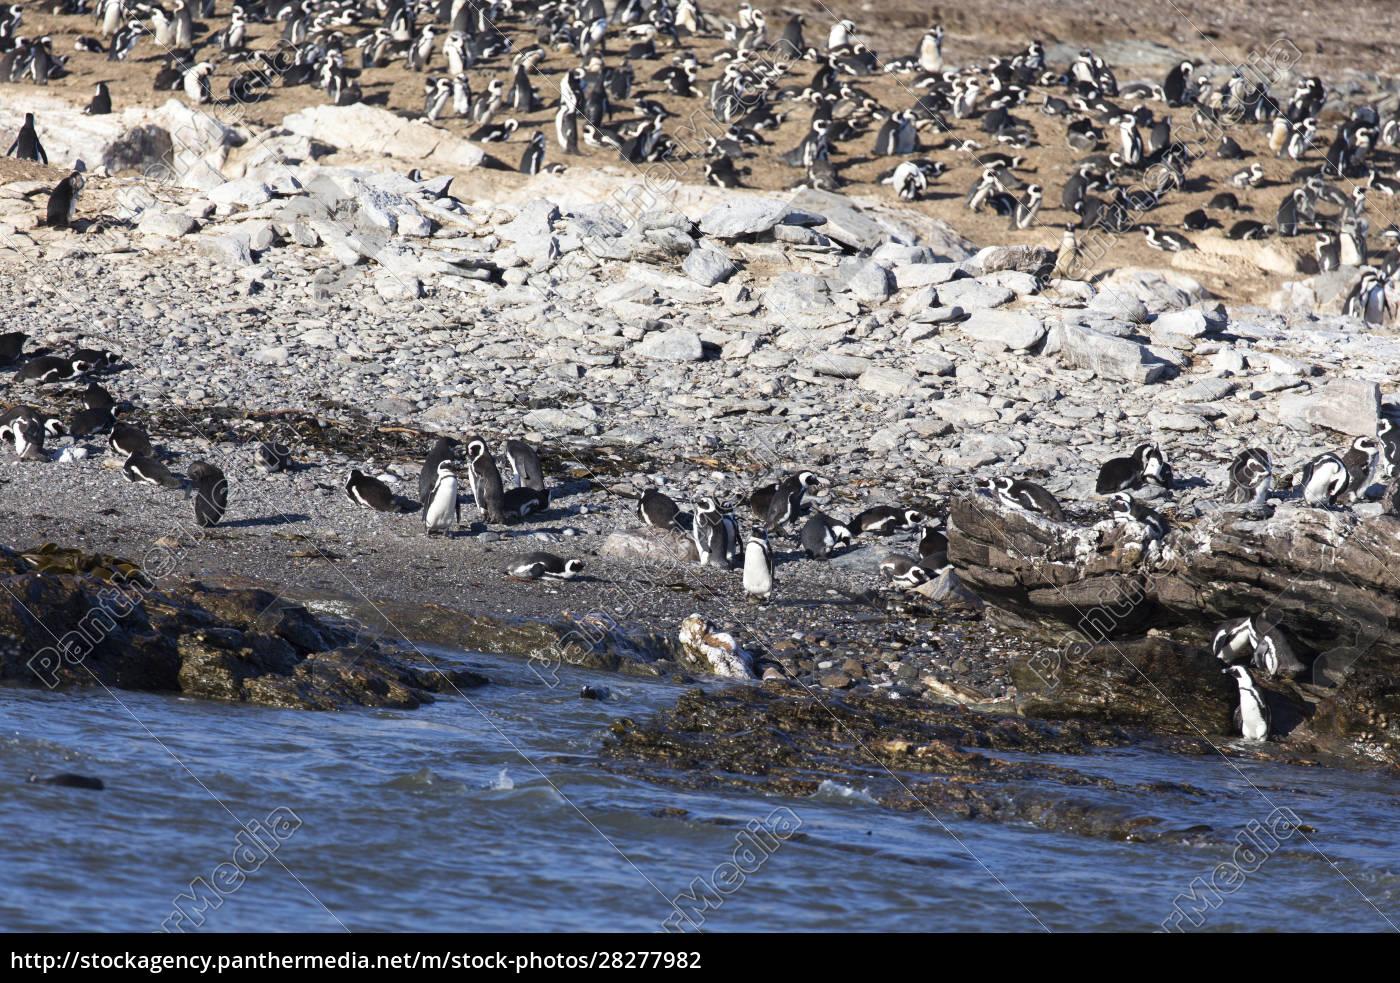 photo, of, many, penguins - 28277982